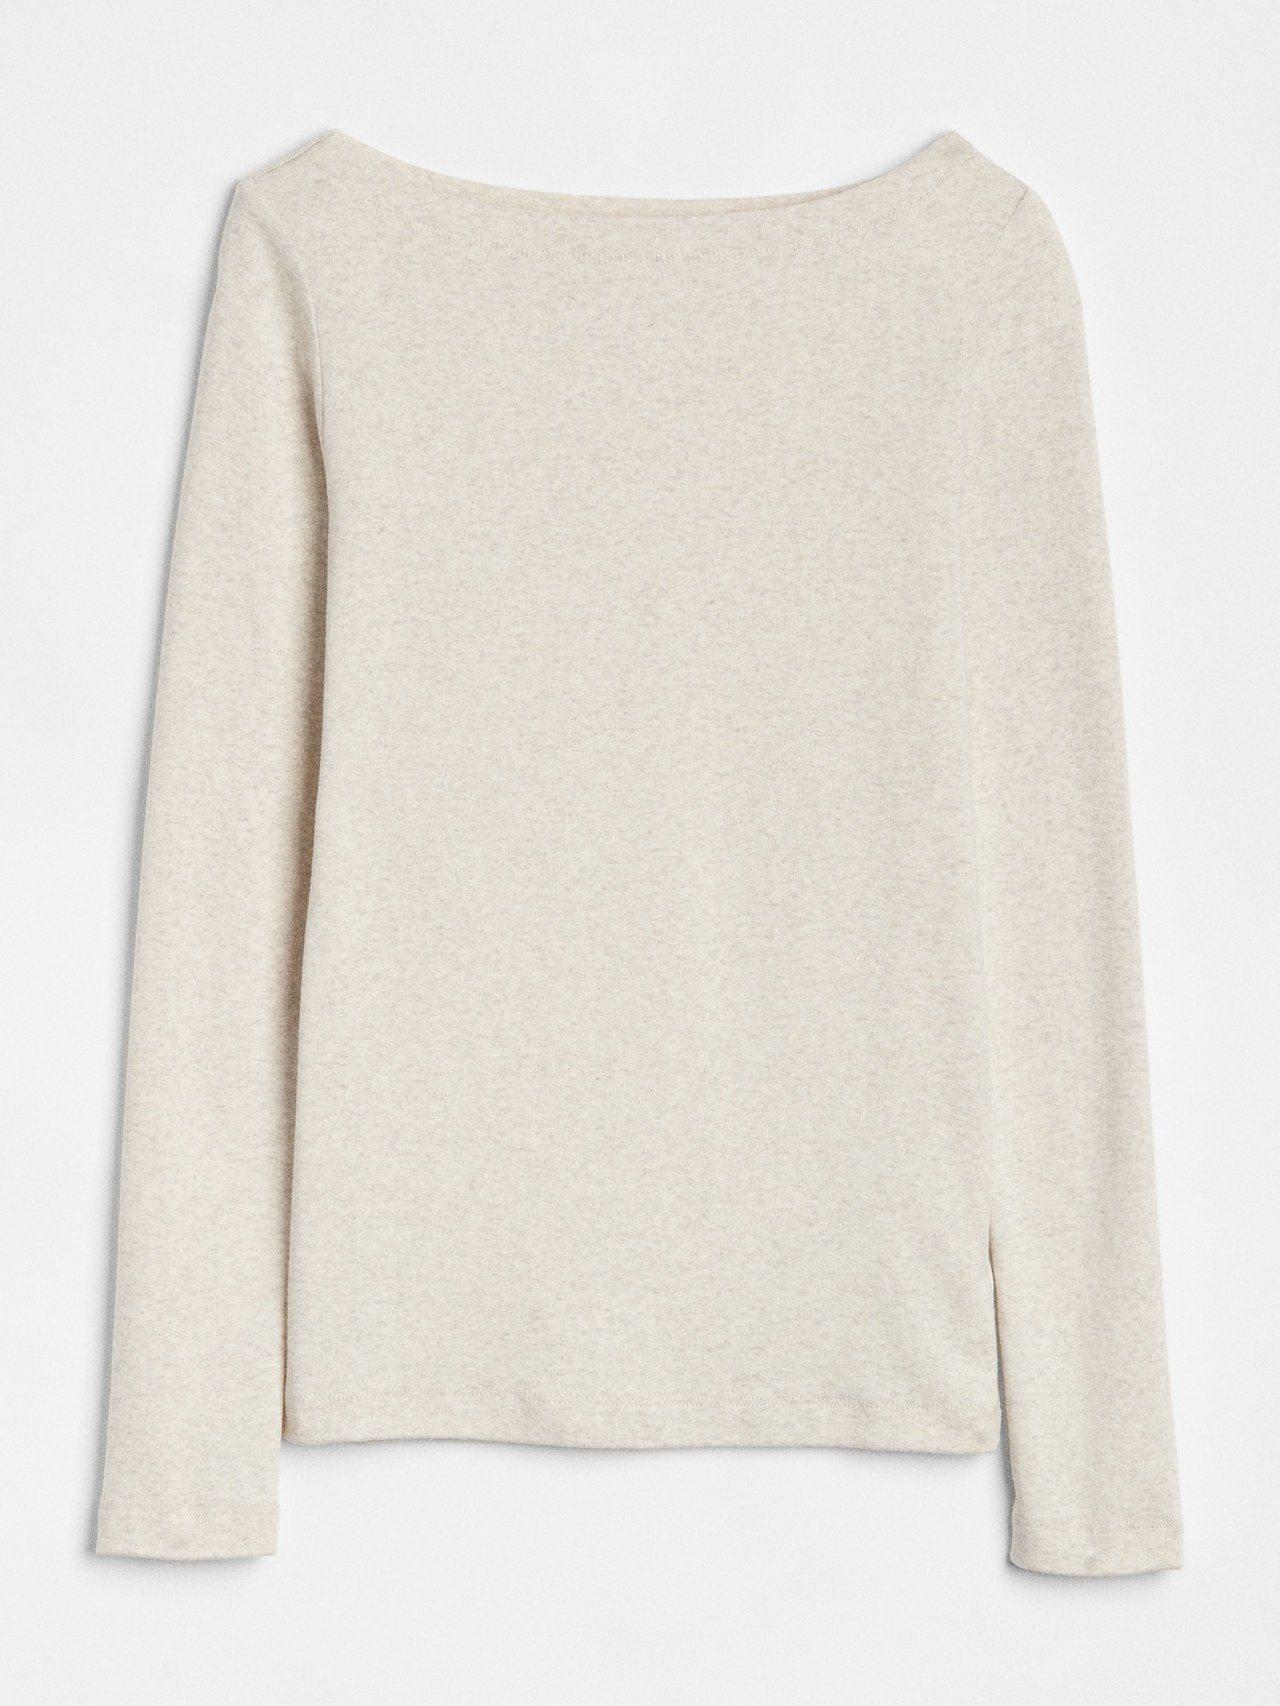 GAP女裝簡約純色船領長袖T恤,799元。圖/GAP提供